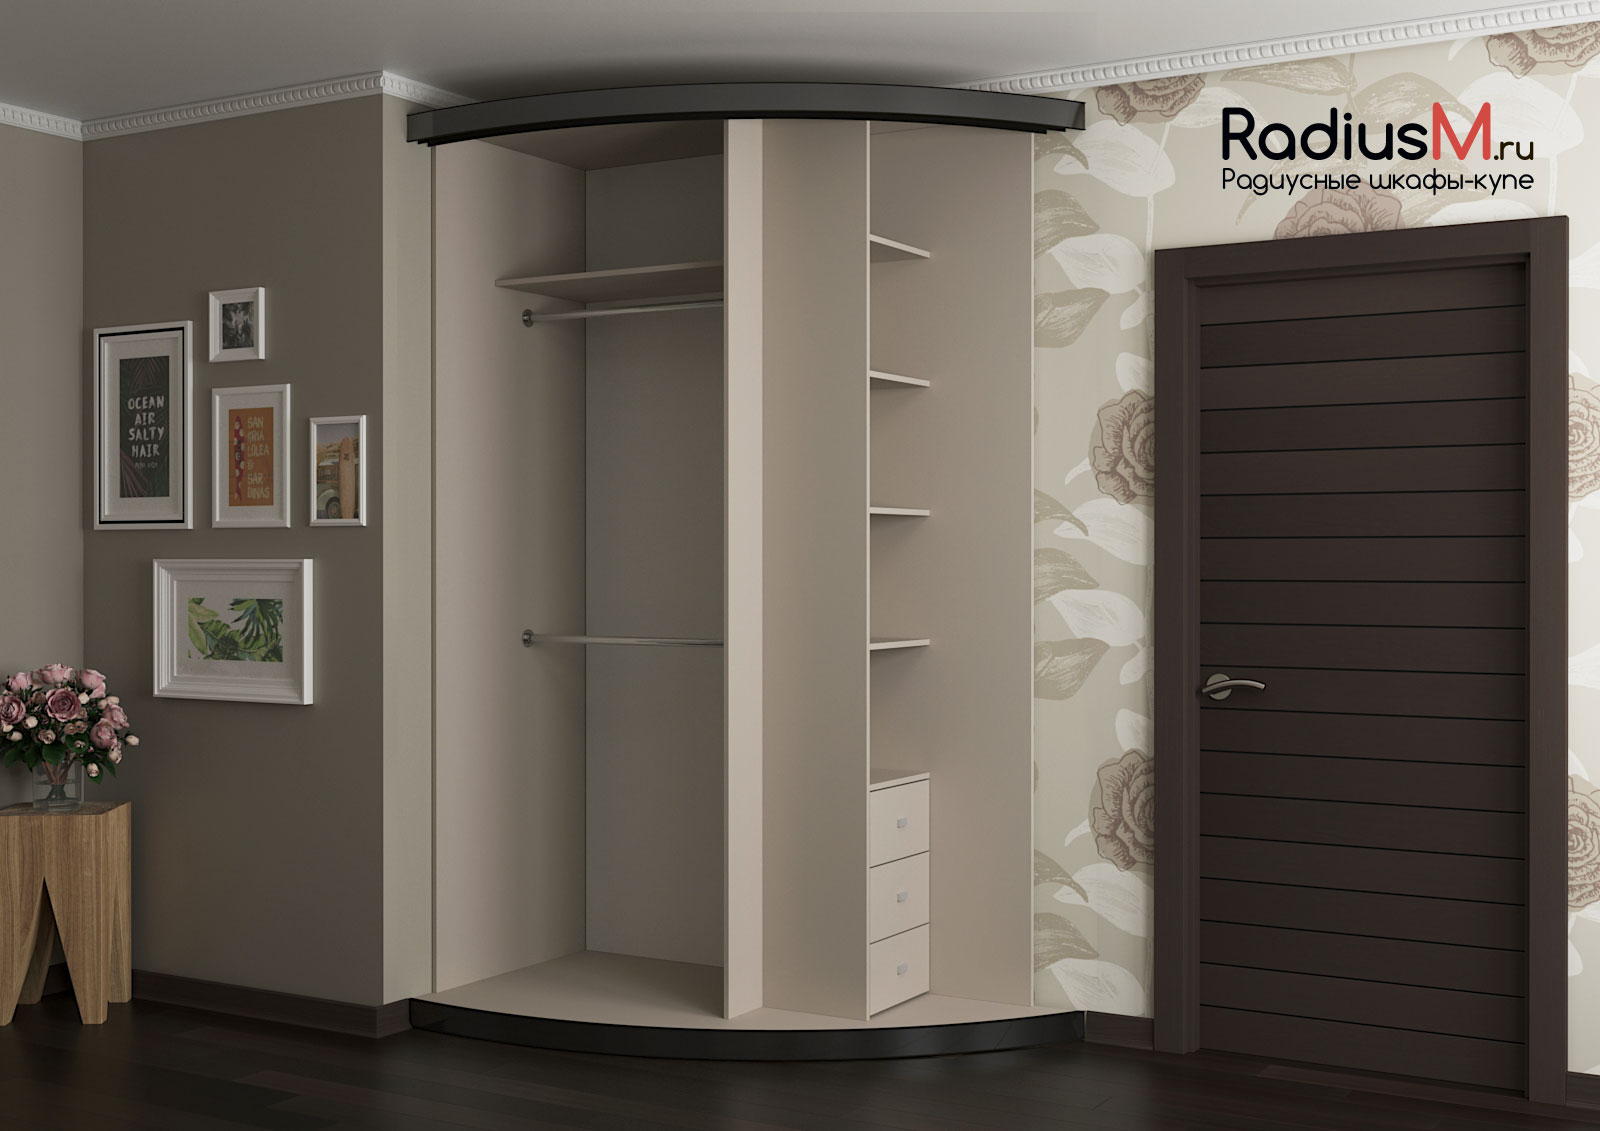 Наполнение Радиусный шкаф